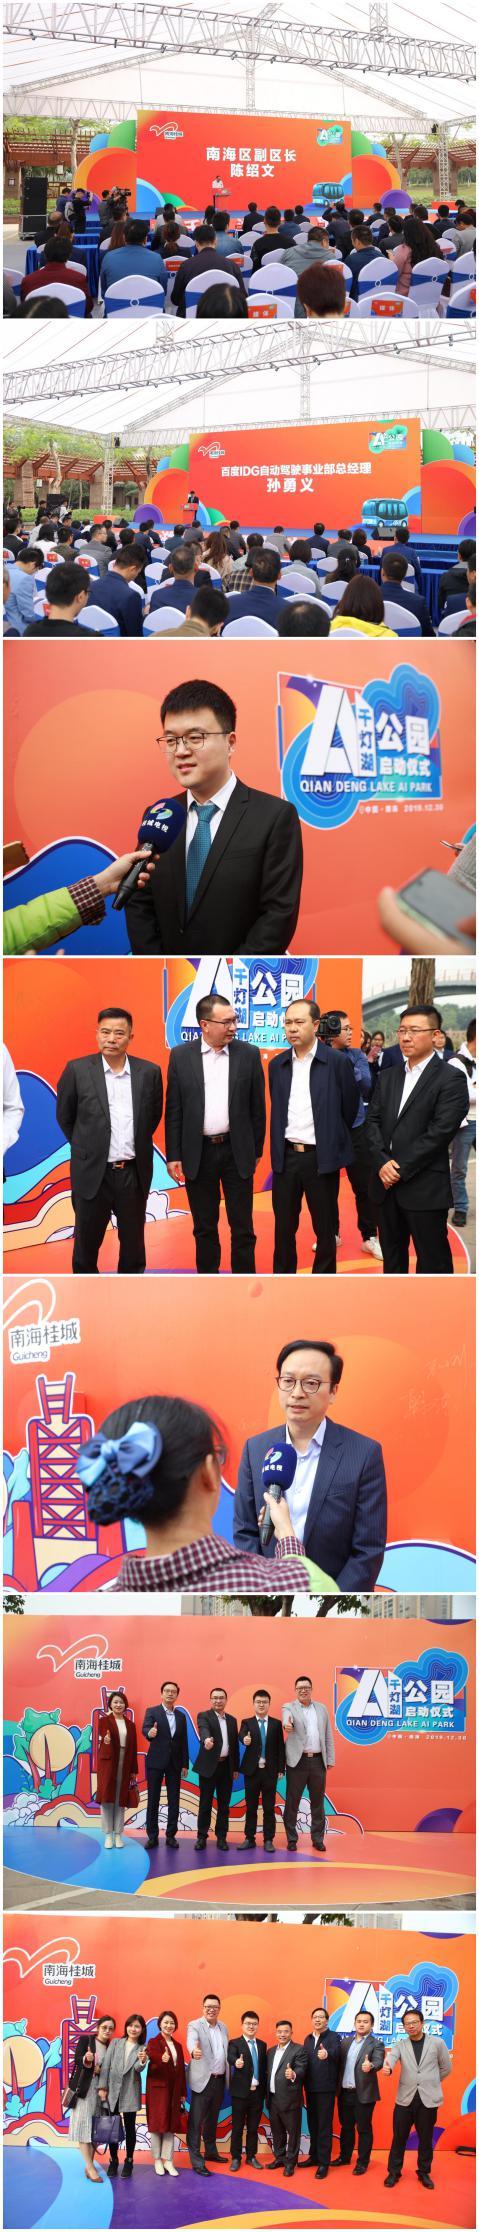 华南首个AI公园落户佛山南海桂城 百度无人车引领湾区智能城市建设